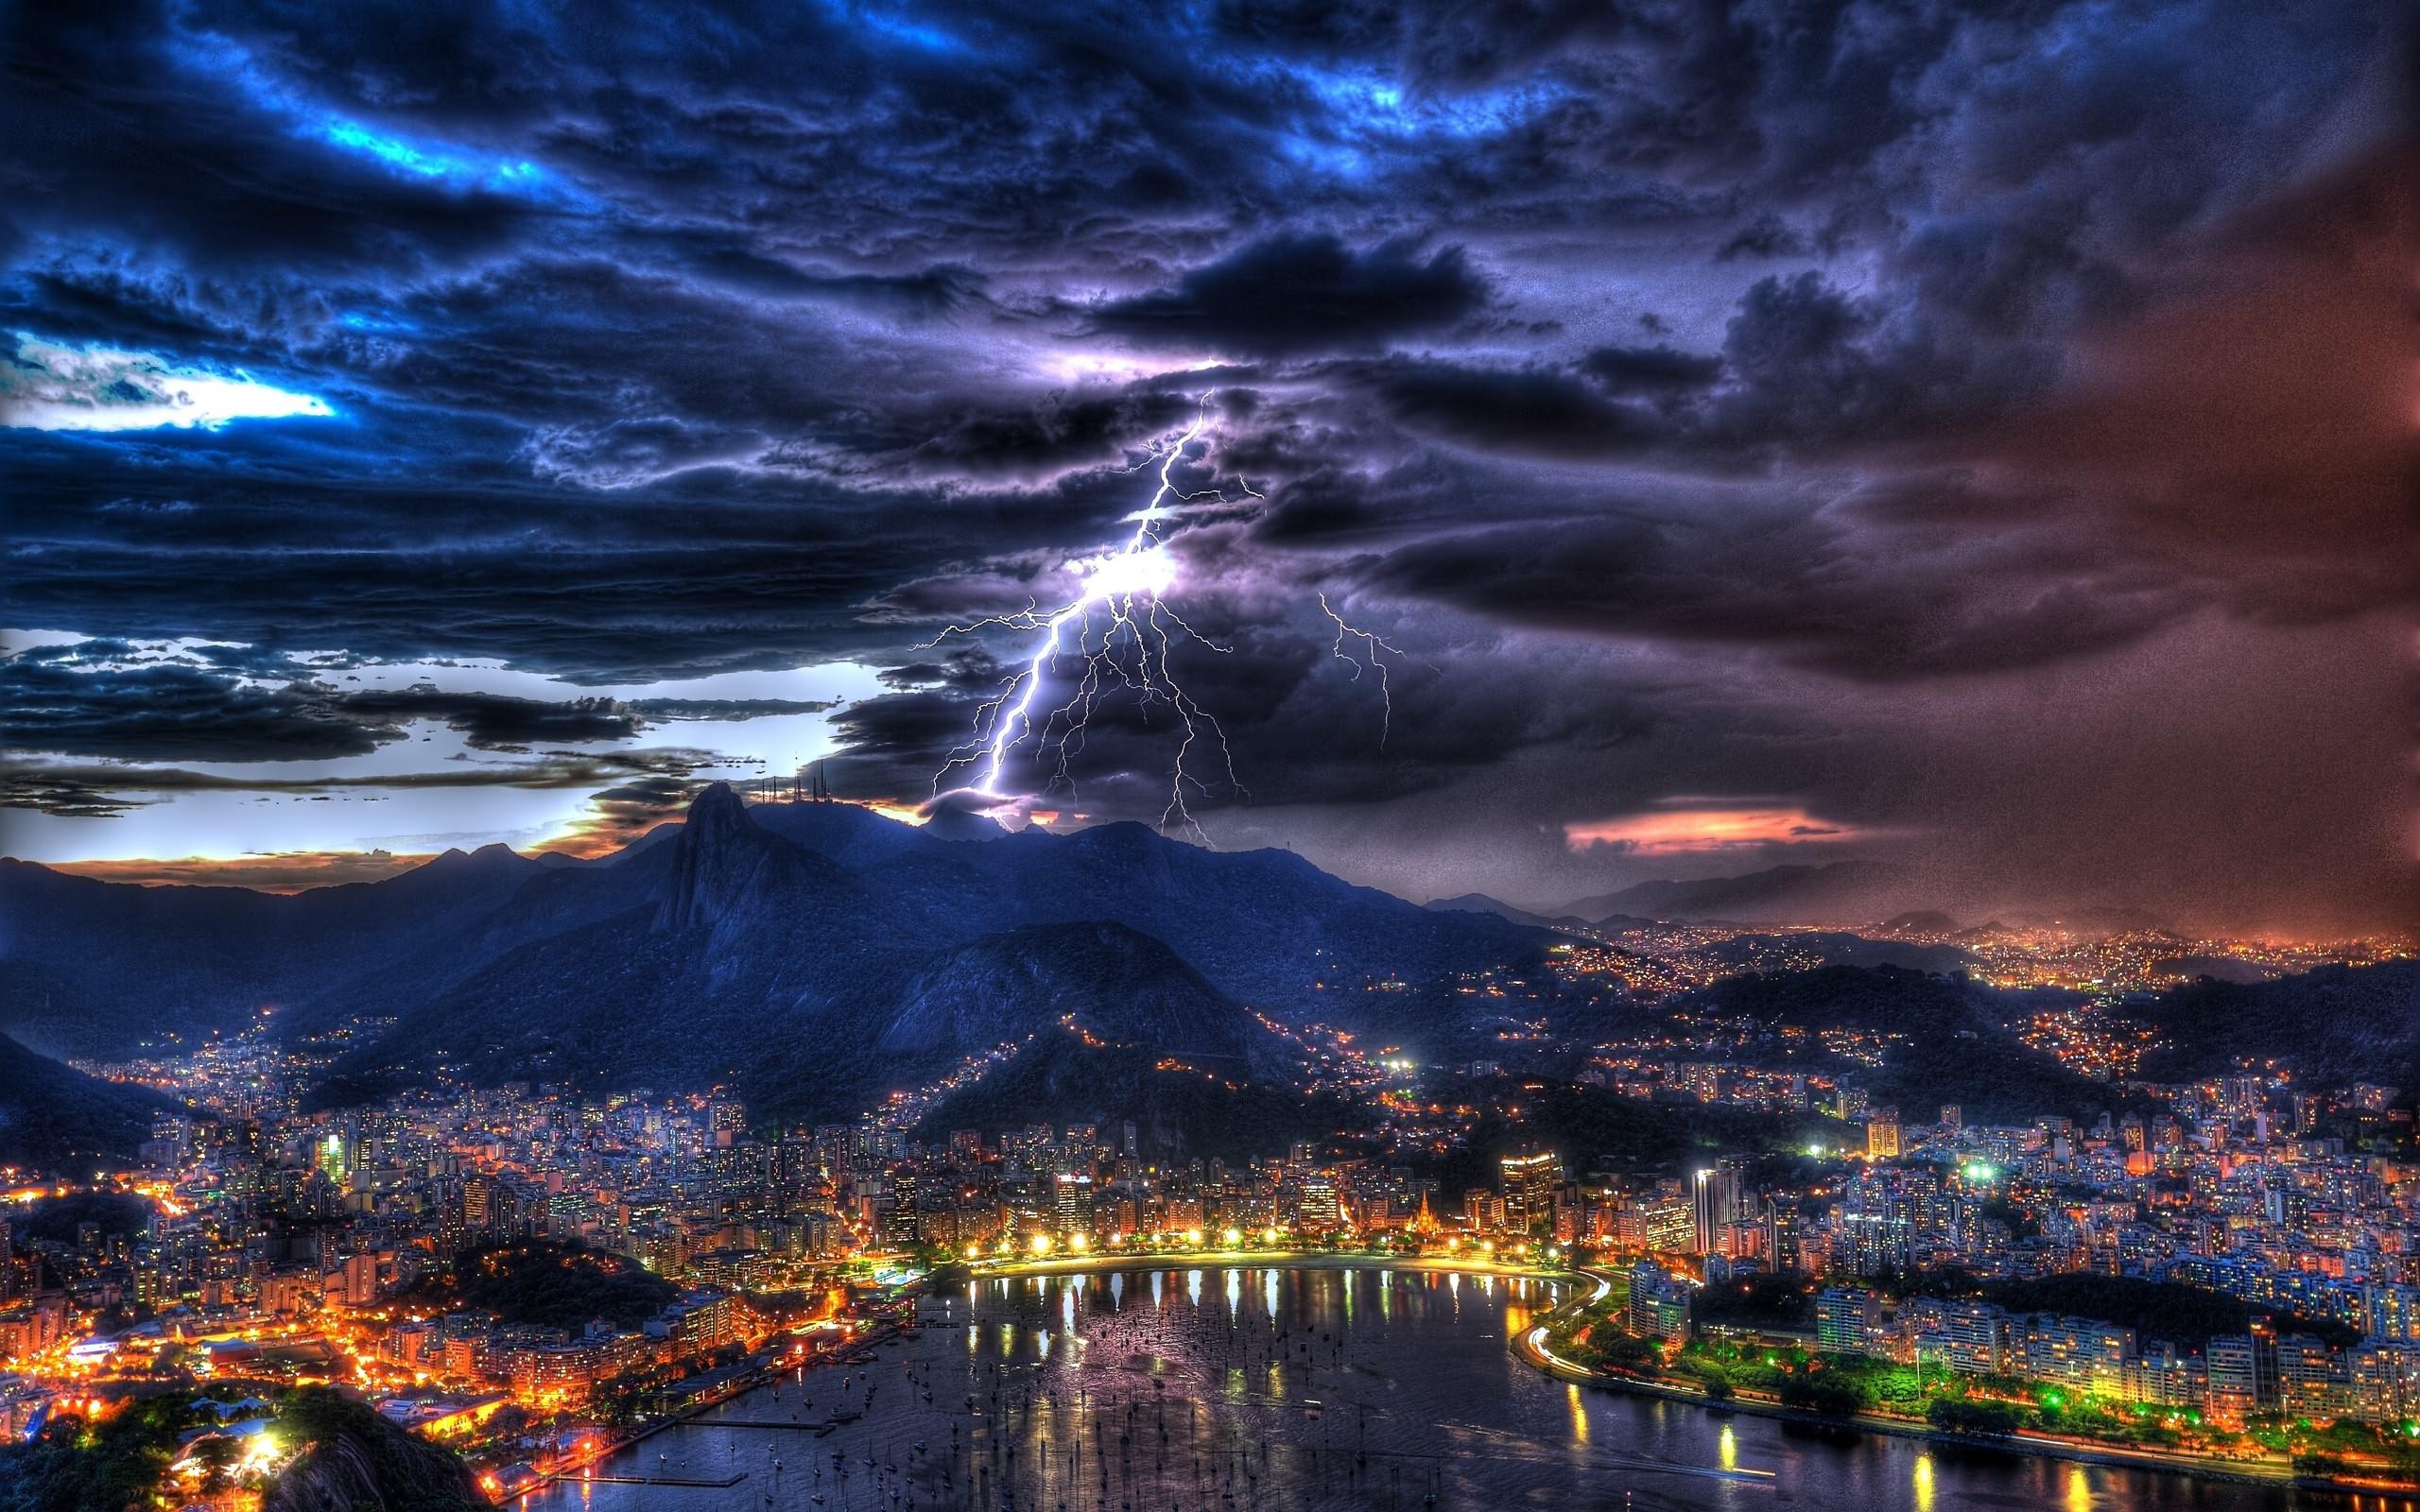 огни ночь город берег гора загрузить